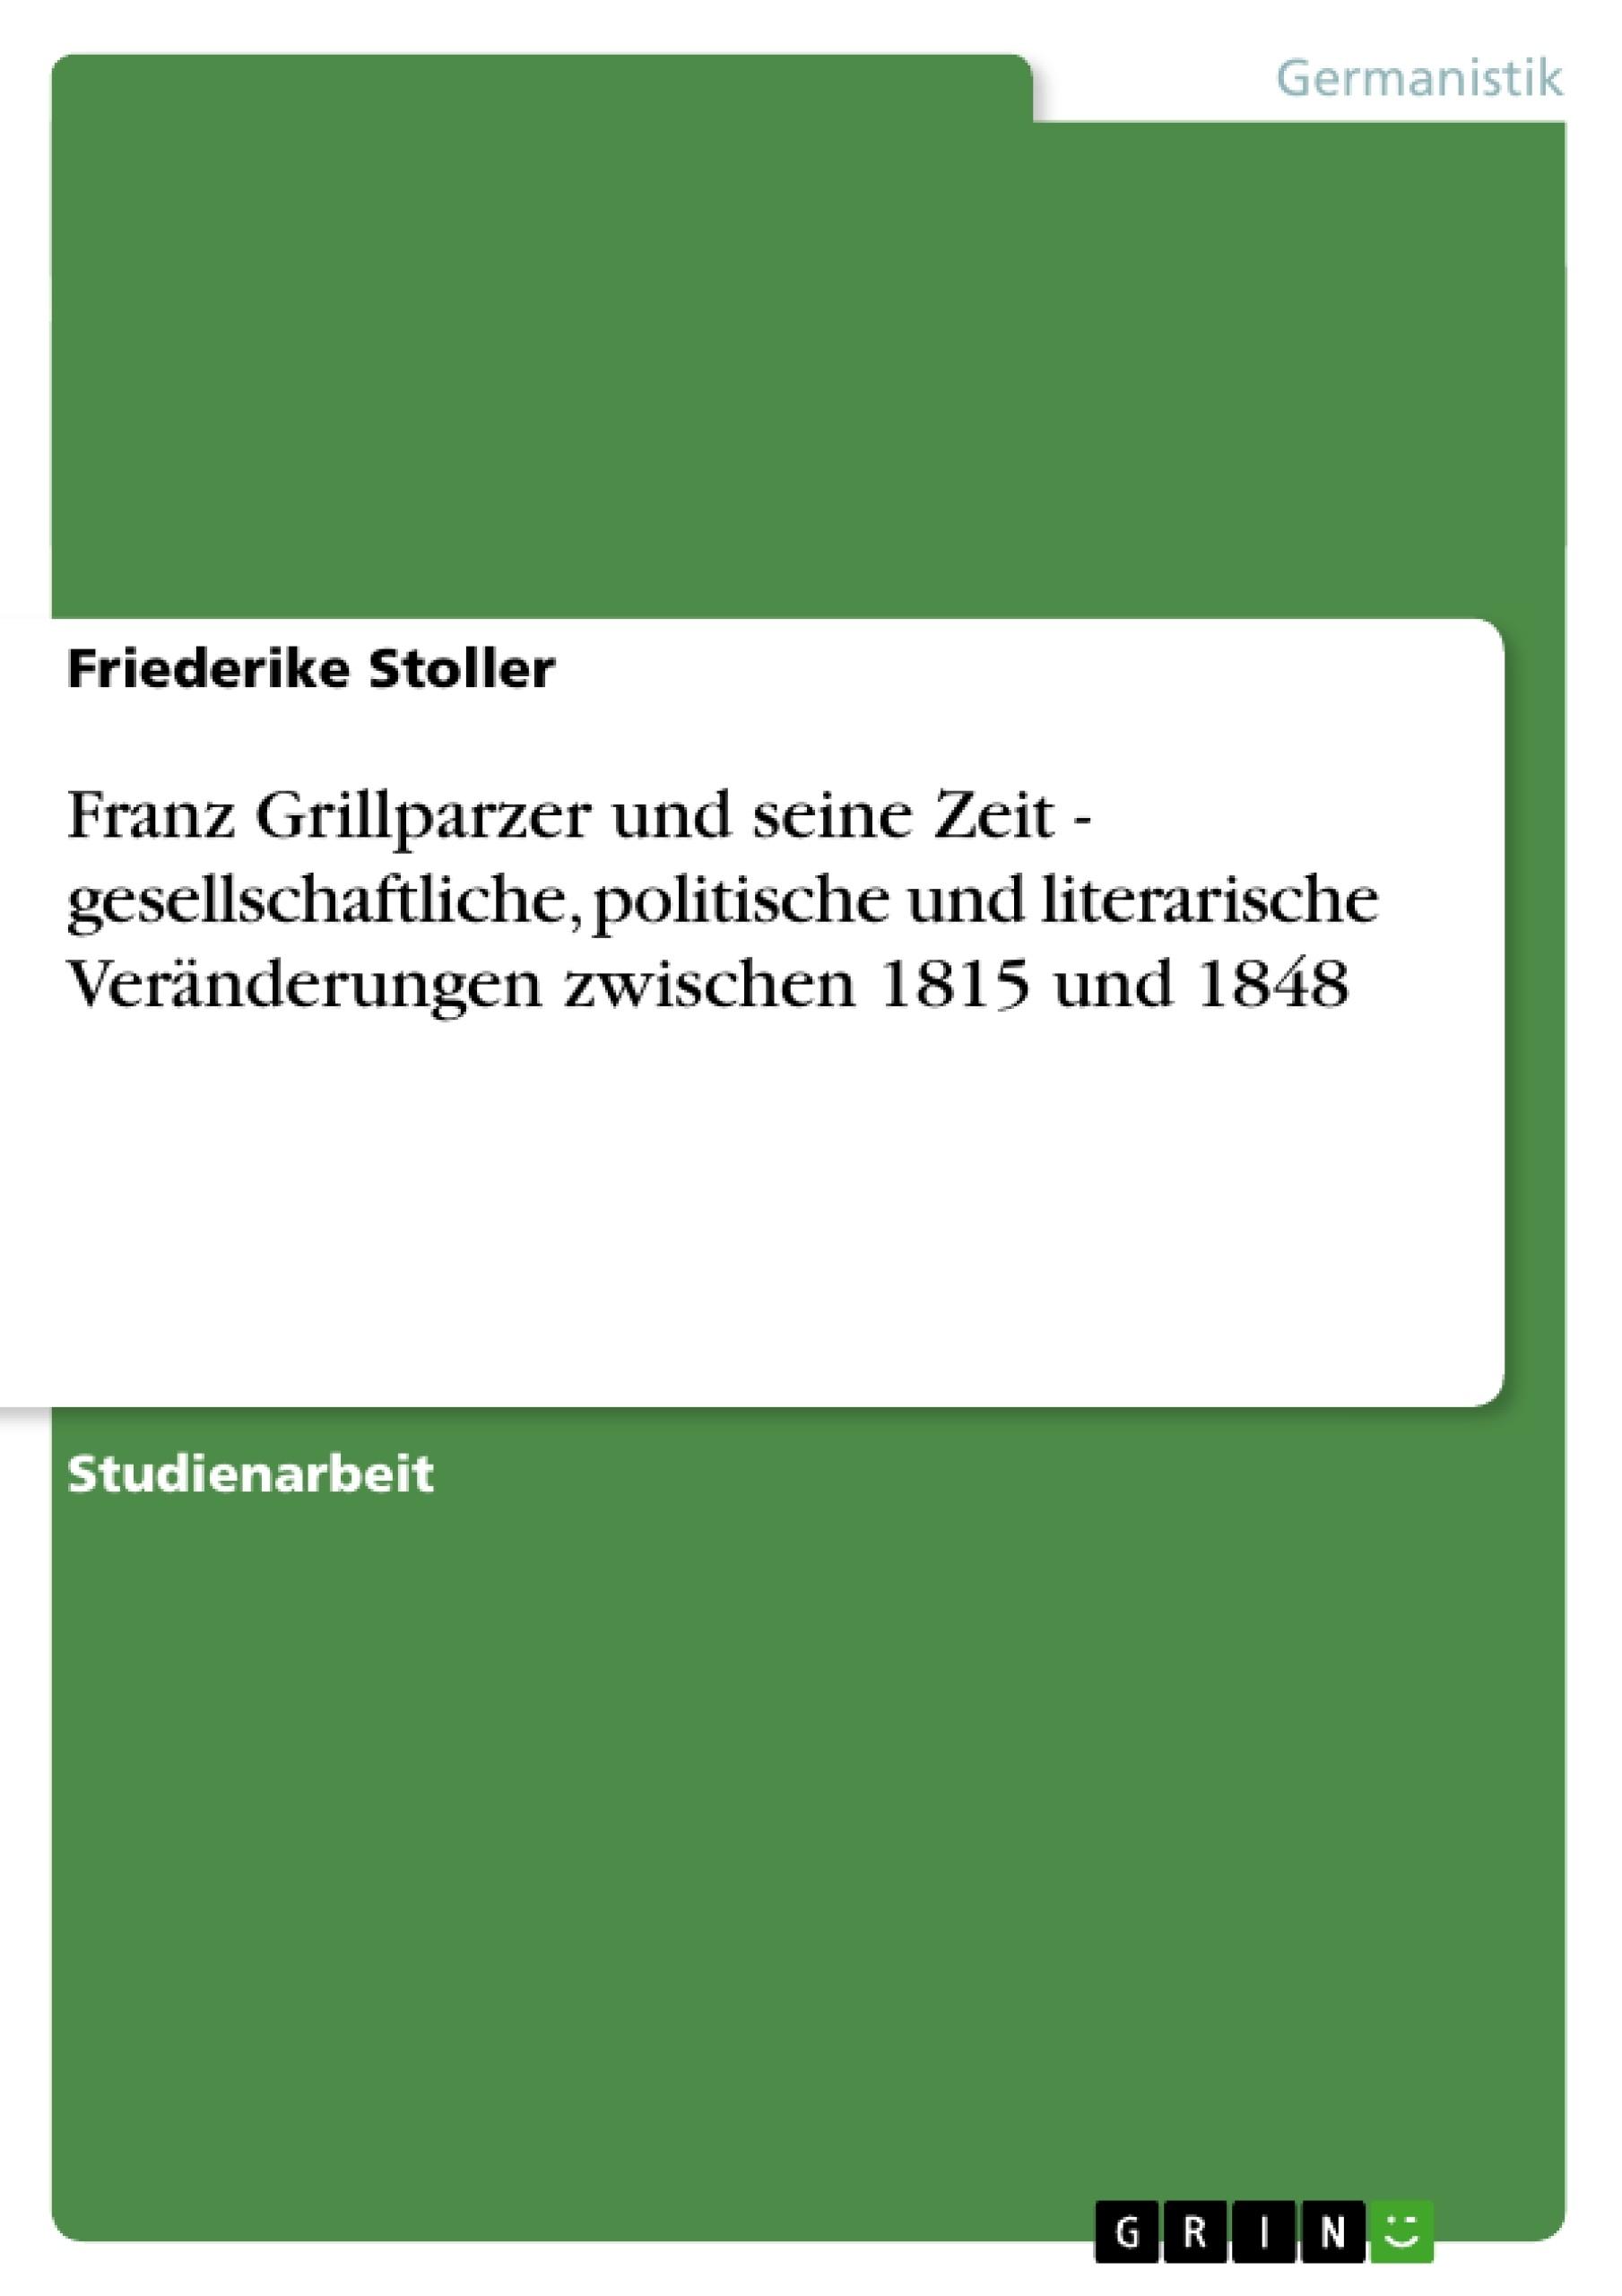 Titel: Franz Grillparzer und seine Zeit - gesellschaftliche, politische und literarische Veränderungen zwischen 1815 und 1848